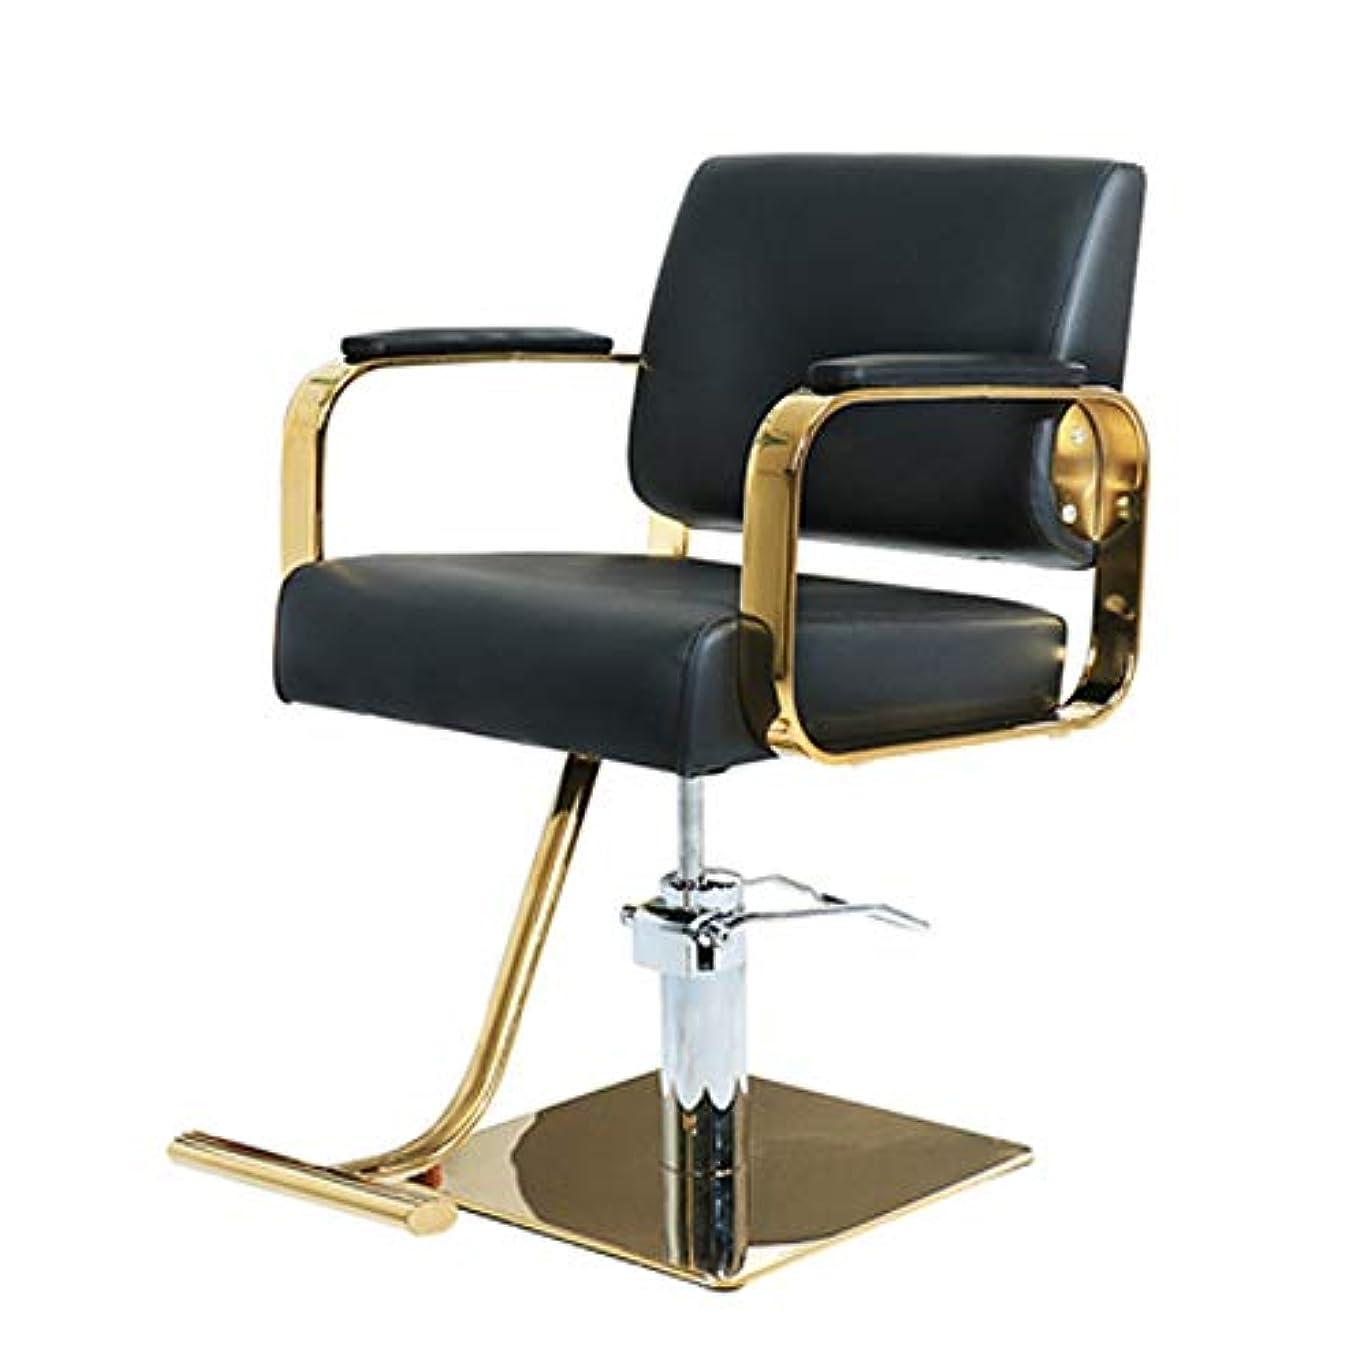 酸化するチャネル局理髪アームチェア、ヘアスタイリスト用サロンチェア、ヘビーデューティタトゥー回転チェア、シャンプー美容、サロン機器